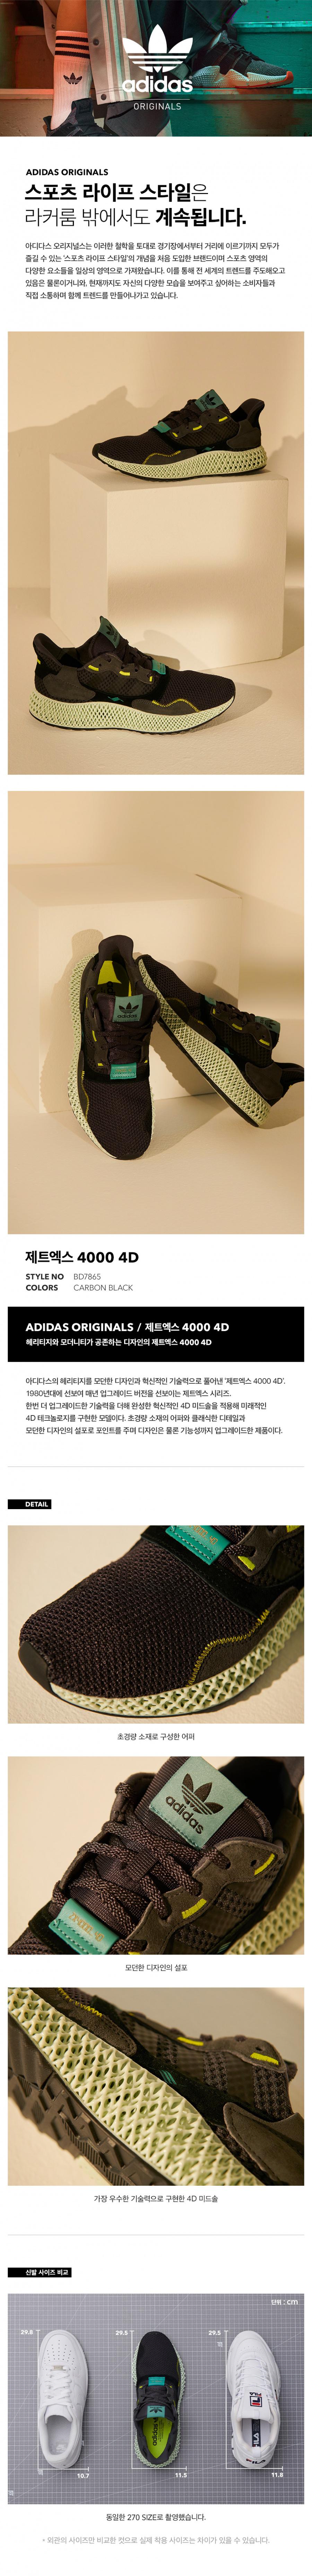 아디다스(ADIDAS) [BD7865] 제트엑스 4000 4D - 카본블랙